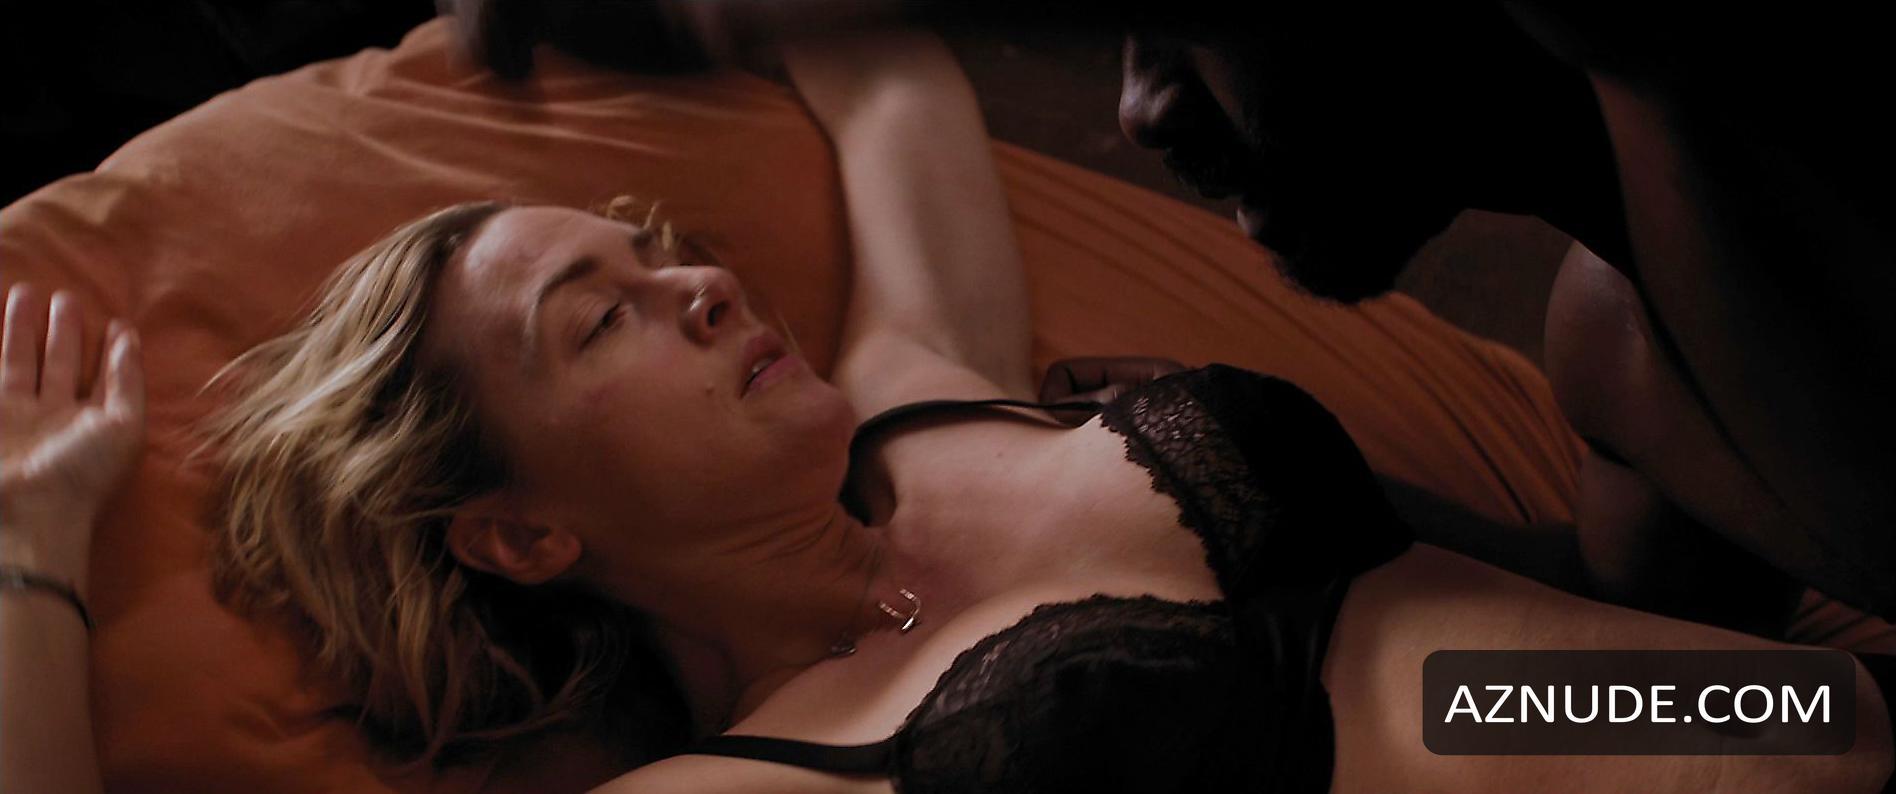 Kate Winslet Nude - Aznude-9766